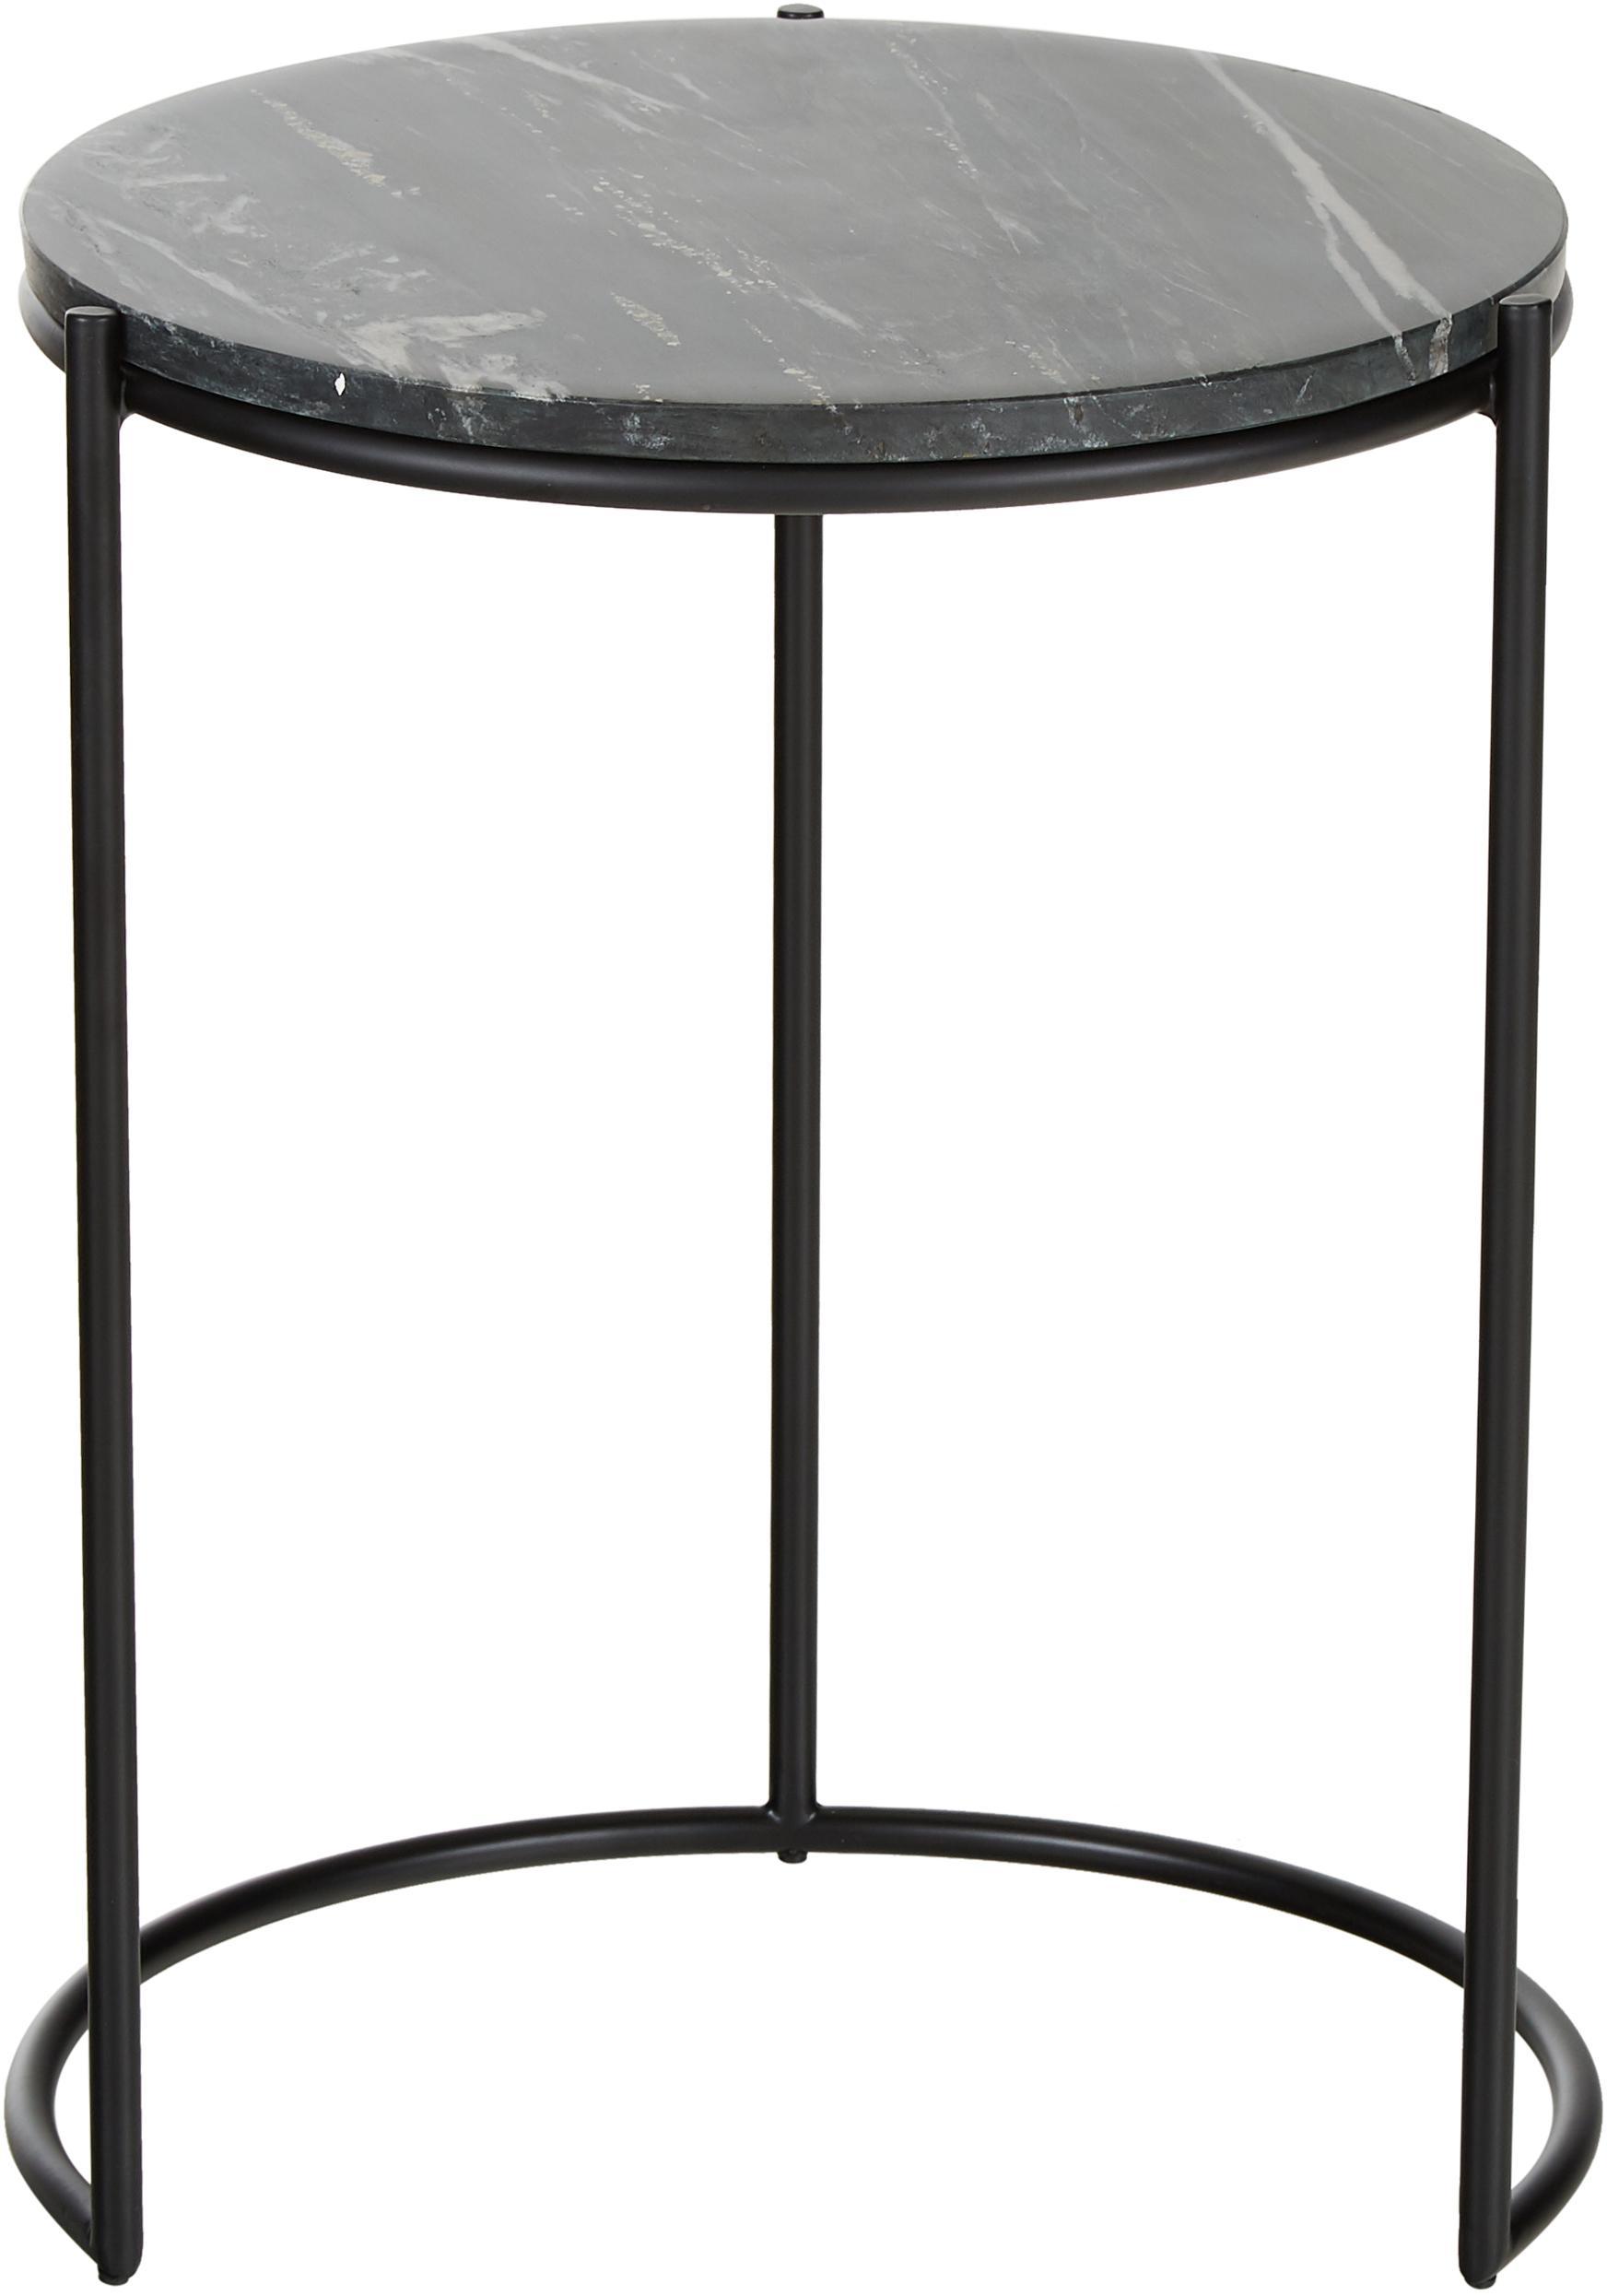 Set 2 tavolini in marmo Ella, Ripiani: marmo, Struttura: metallo verniciato a polv, Piani d'appoggio: marmo nero Struttura: nero opaco, Set in varie misure